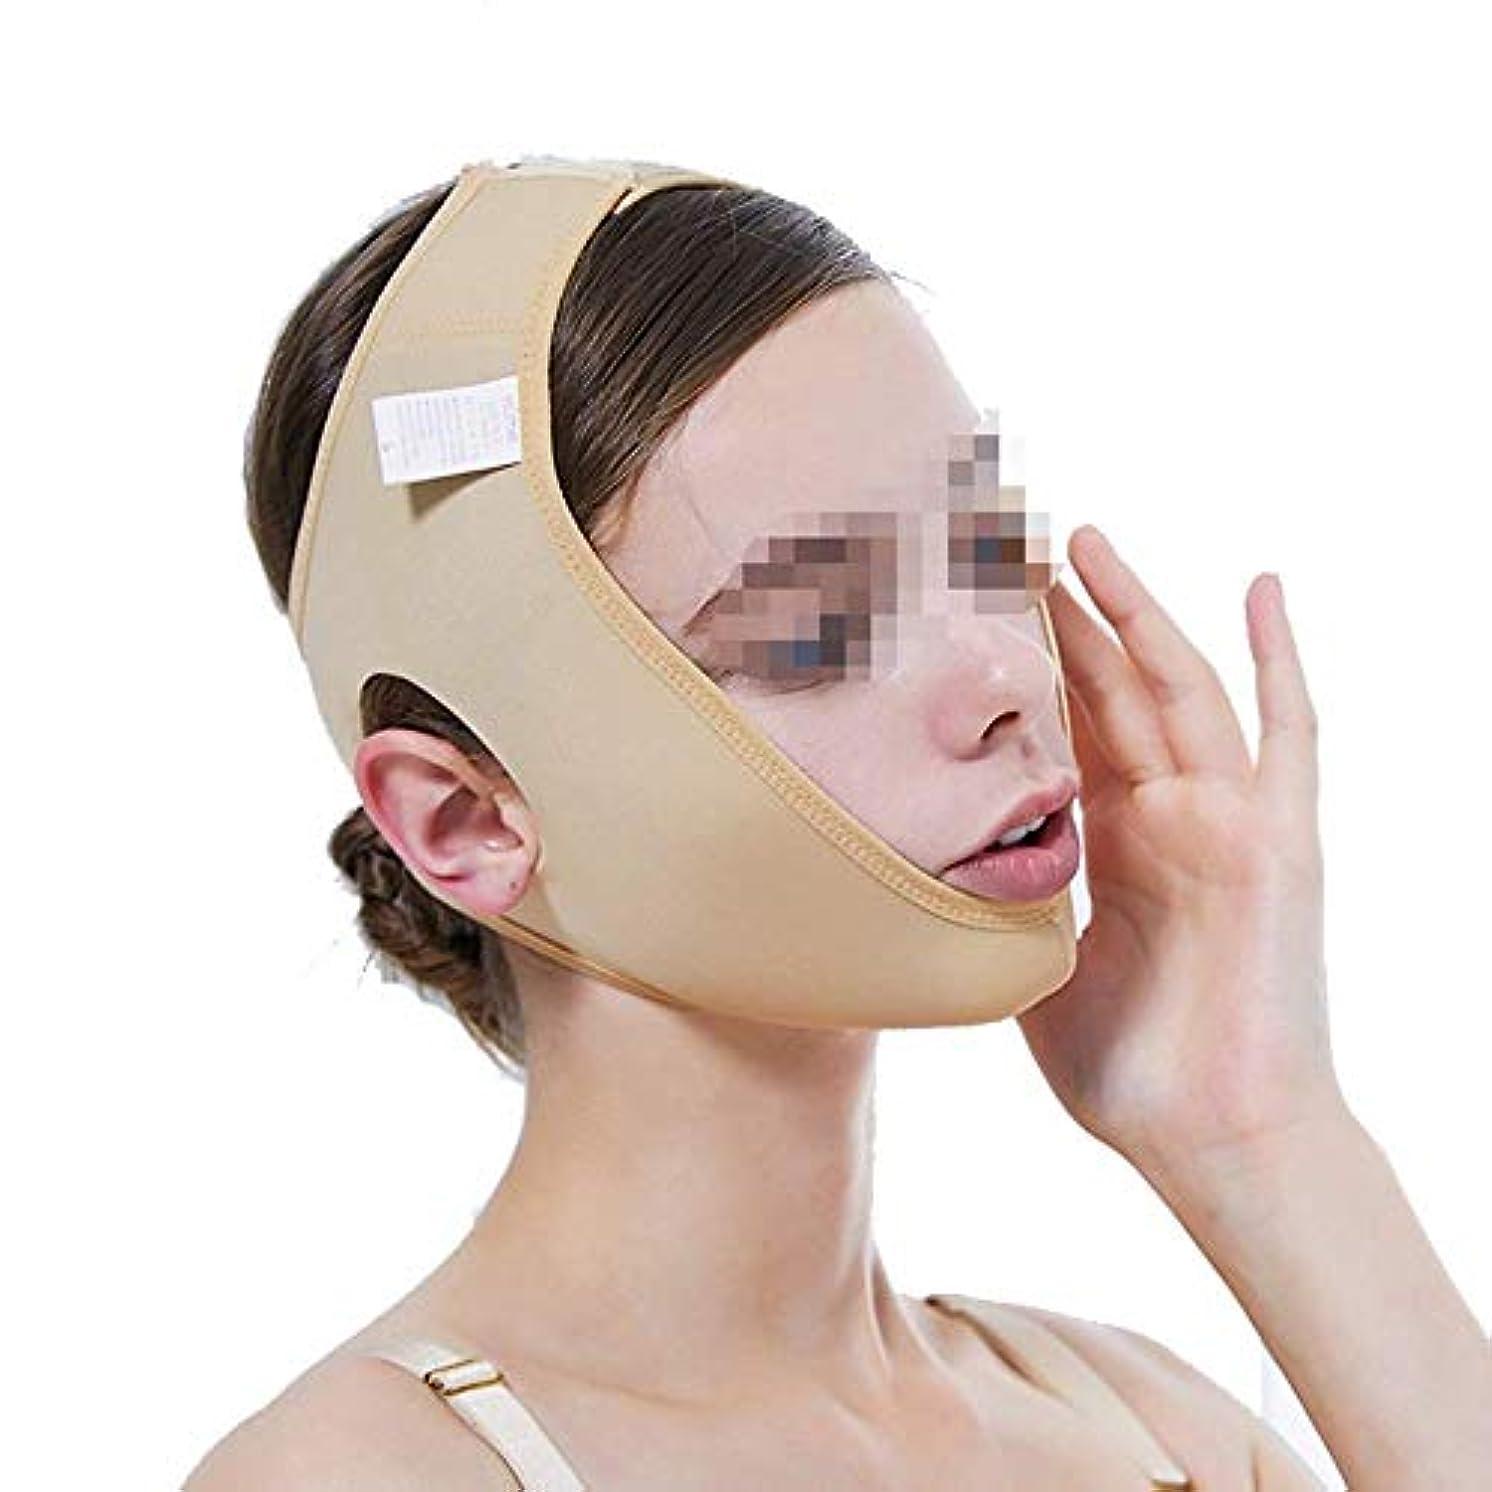 アートピアースキノコ術後ヘッドギア、薄型ダブルあごVフェイスビームフェイスジョーセットフェイスマスクマルチサイズオプション(サイズ:XS),L